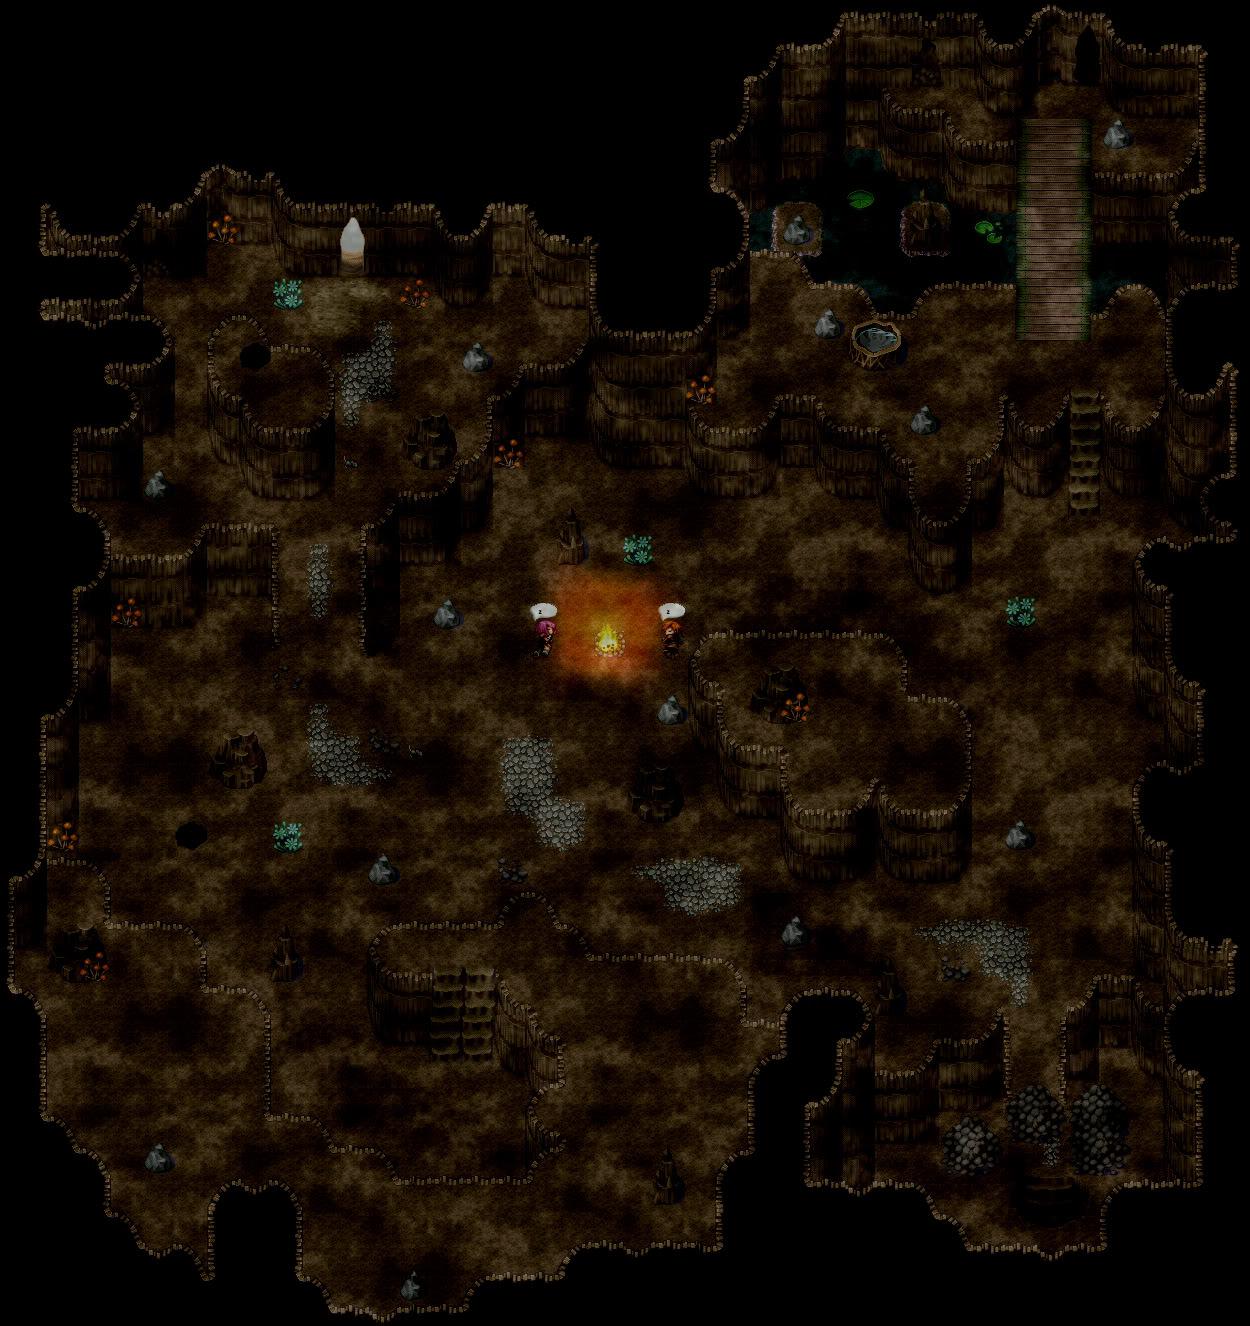 [แนวทาง]การวาดแผนที่ให้สวย Mappingcavecontest